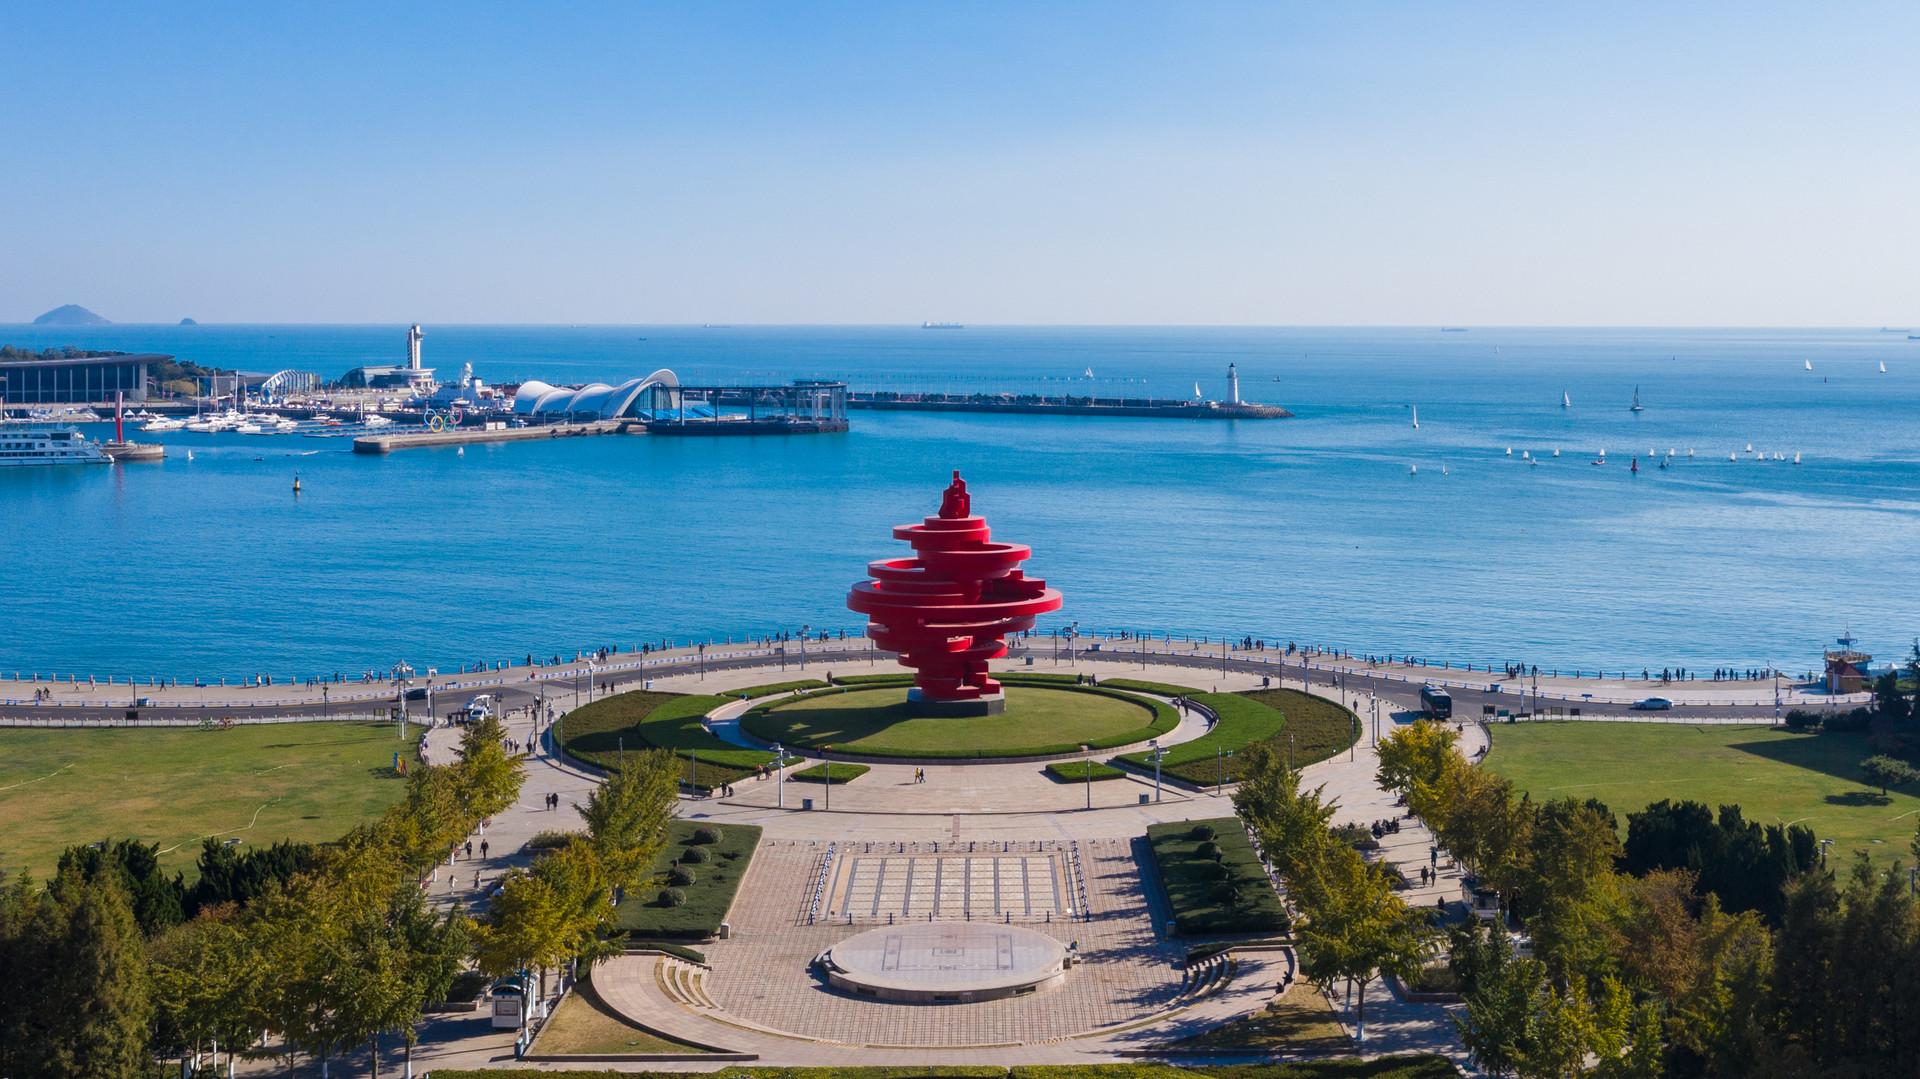 青岛市委书记王清宪:深度融入新发展格局 引领城市高质量发展